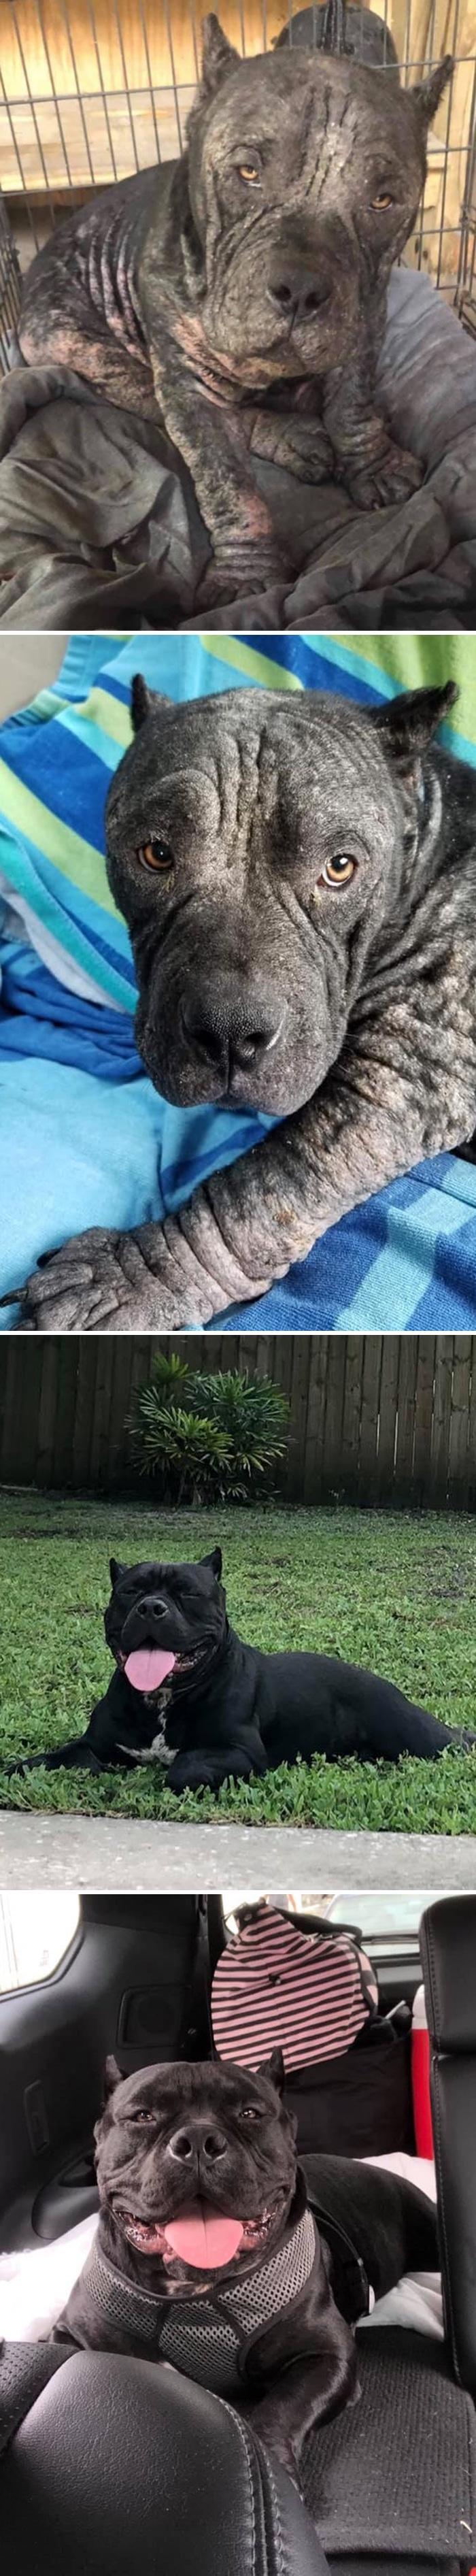 As pessoas estão compartilhando fotos lado a lado com seus animais para o Desafio de antes e agora 21